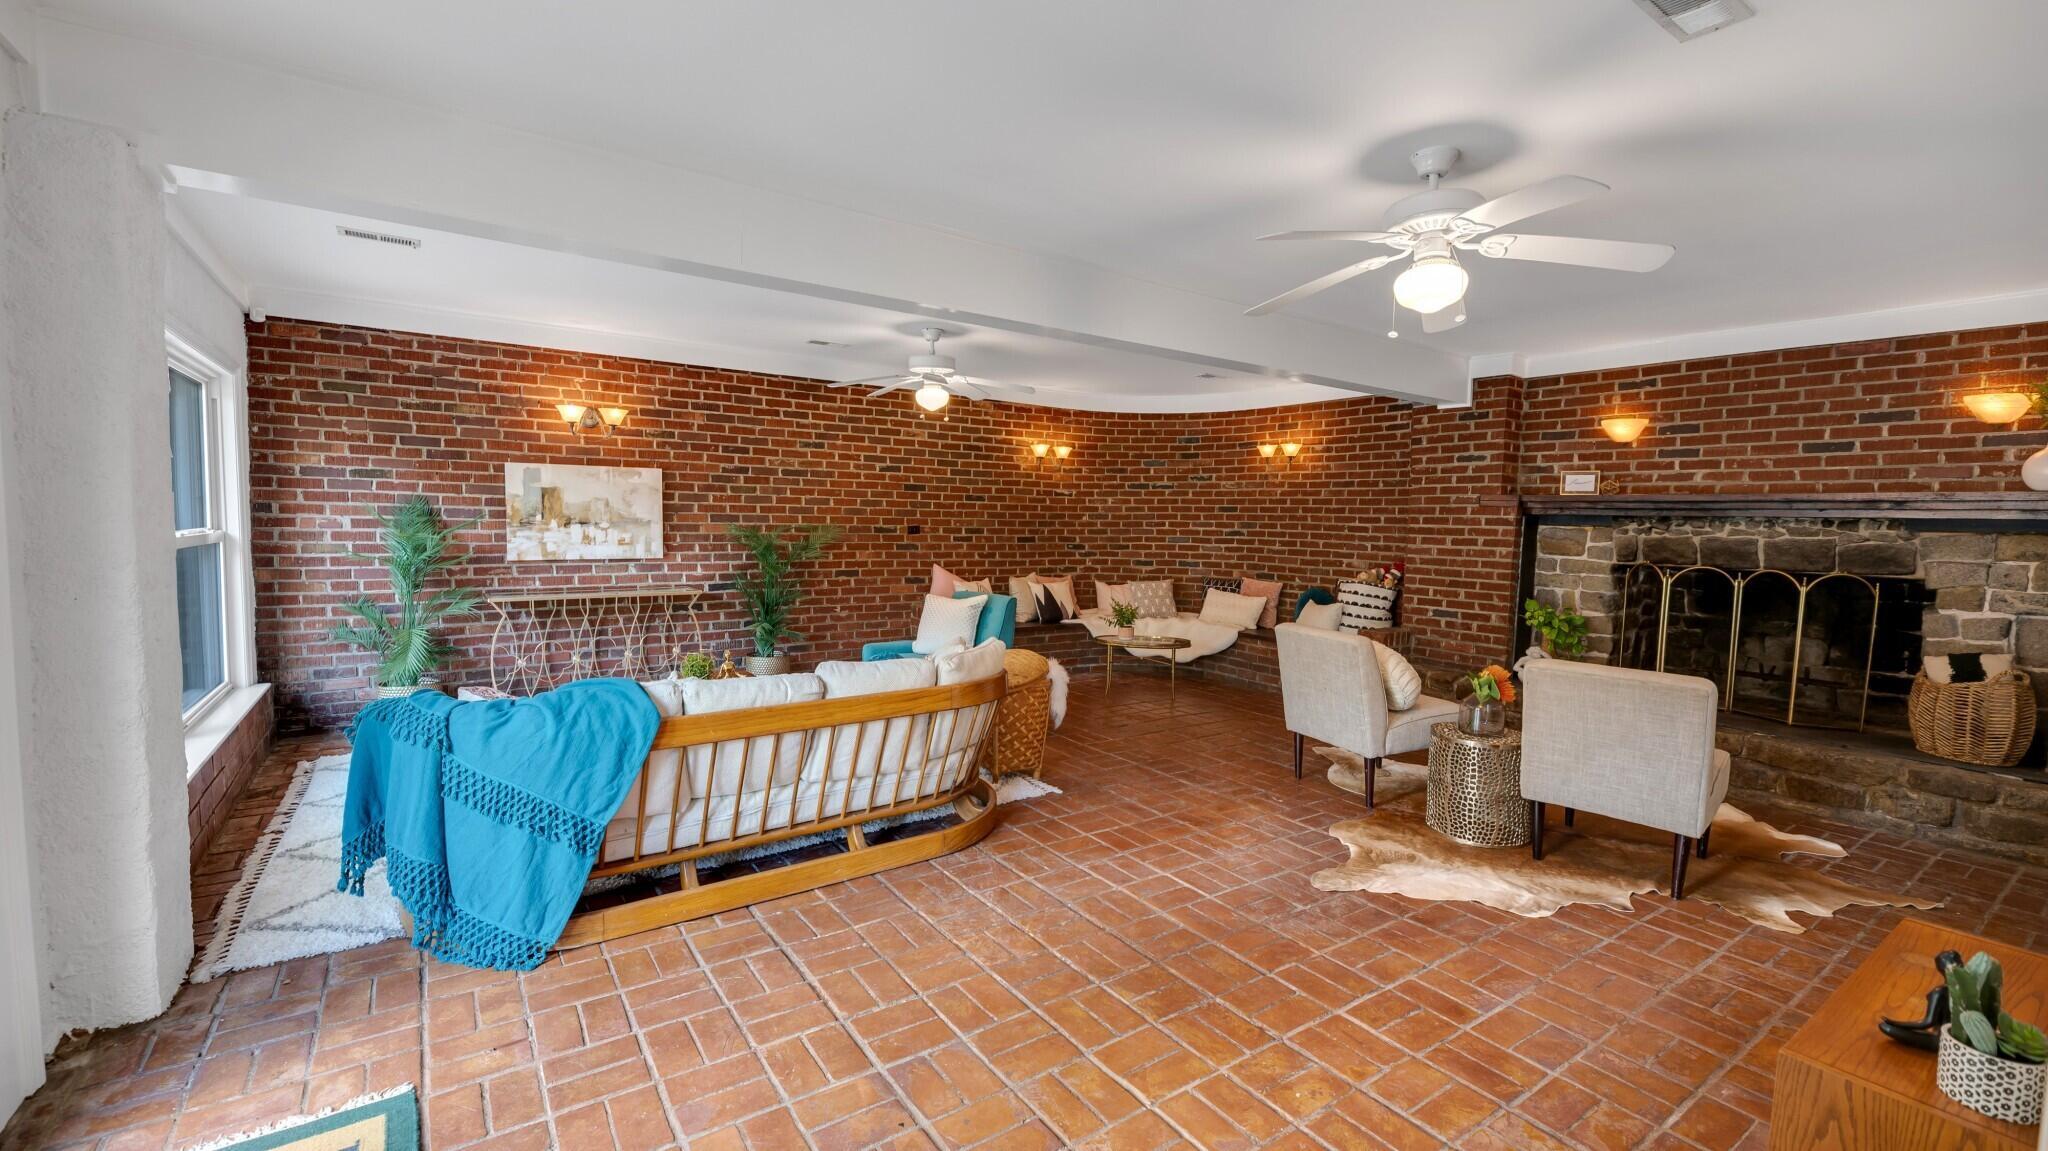 Camp Road Estates Homes For Sale - 825 Hale, Charleston, SC - 11